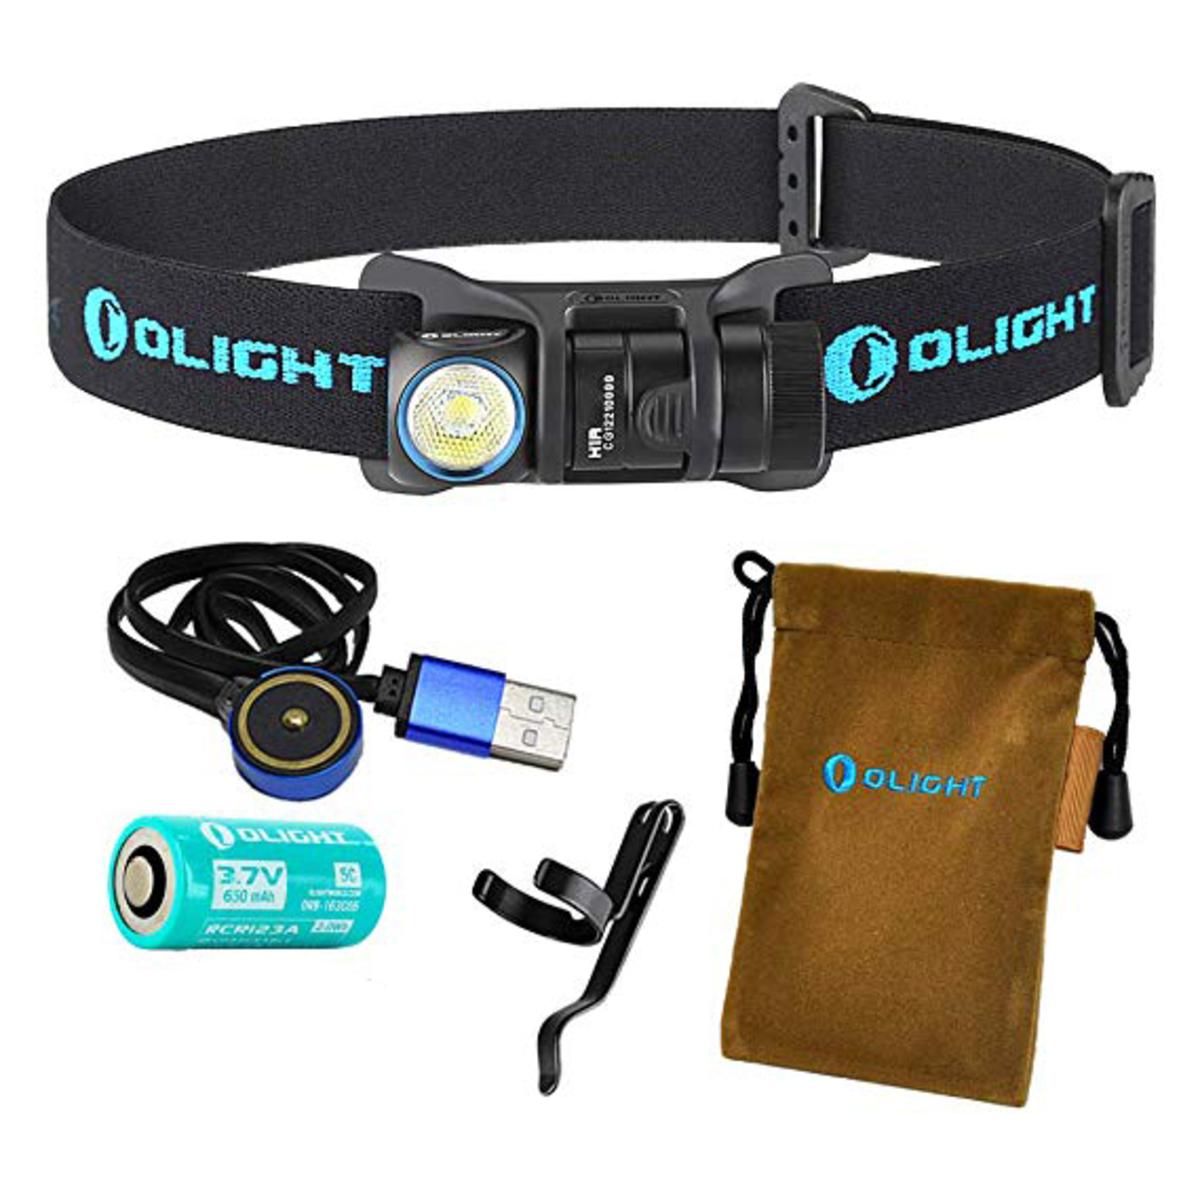 港行 H1R NOVA 頭燈 600流明 USB 充電 RCR123A 電池 手電筒